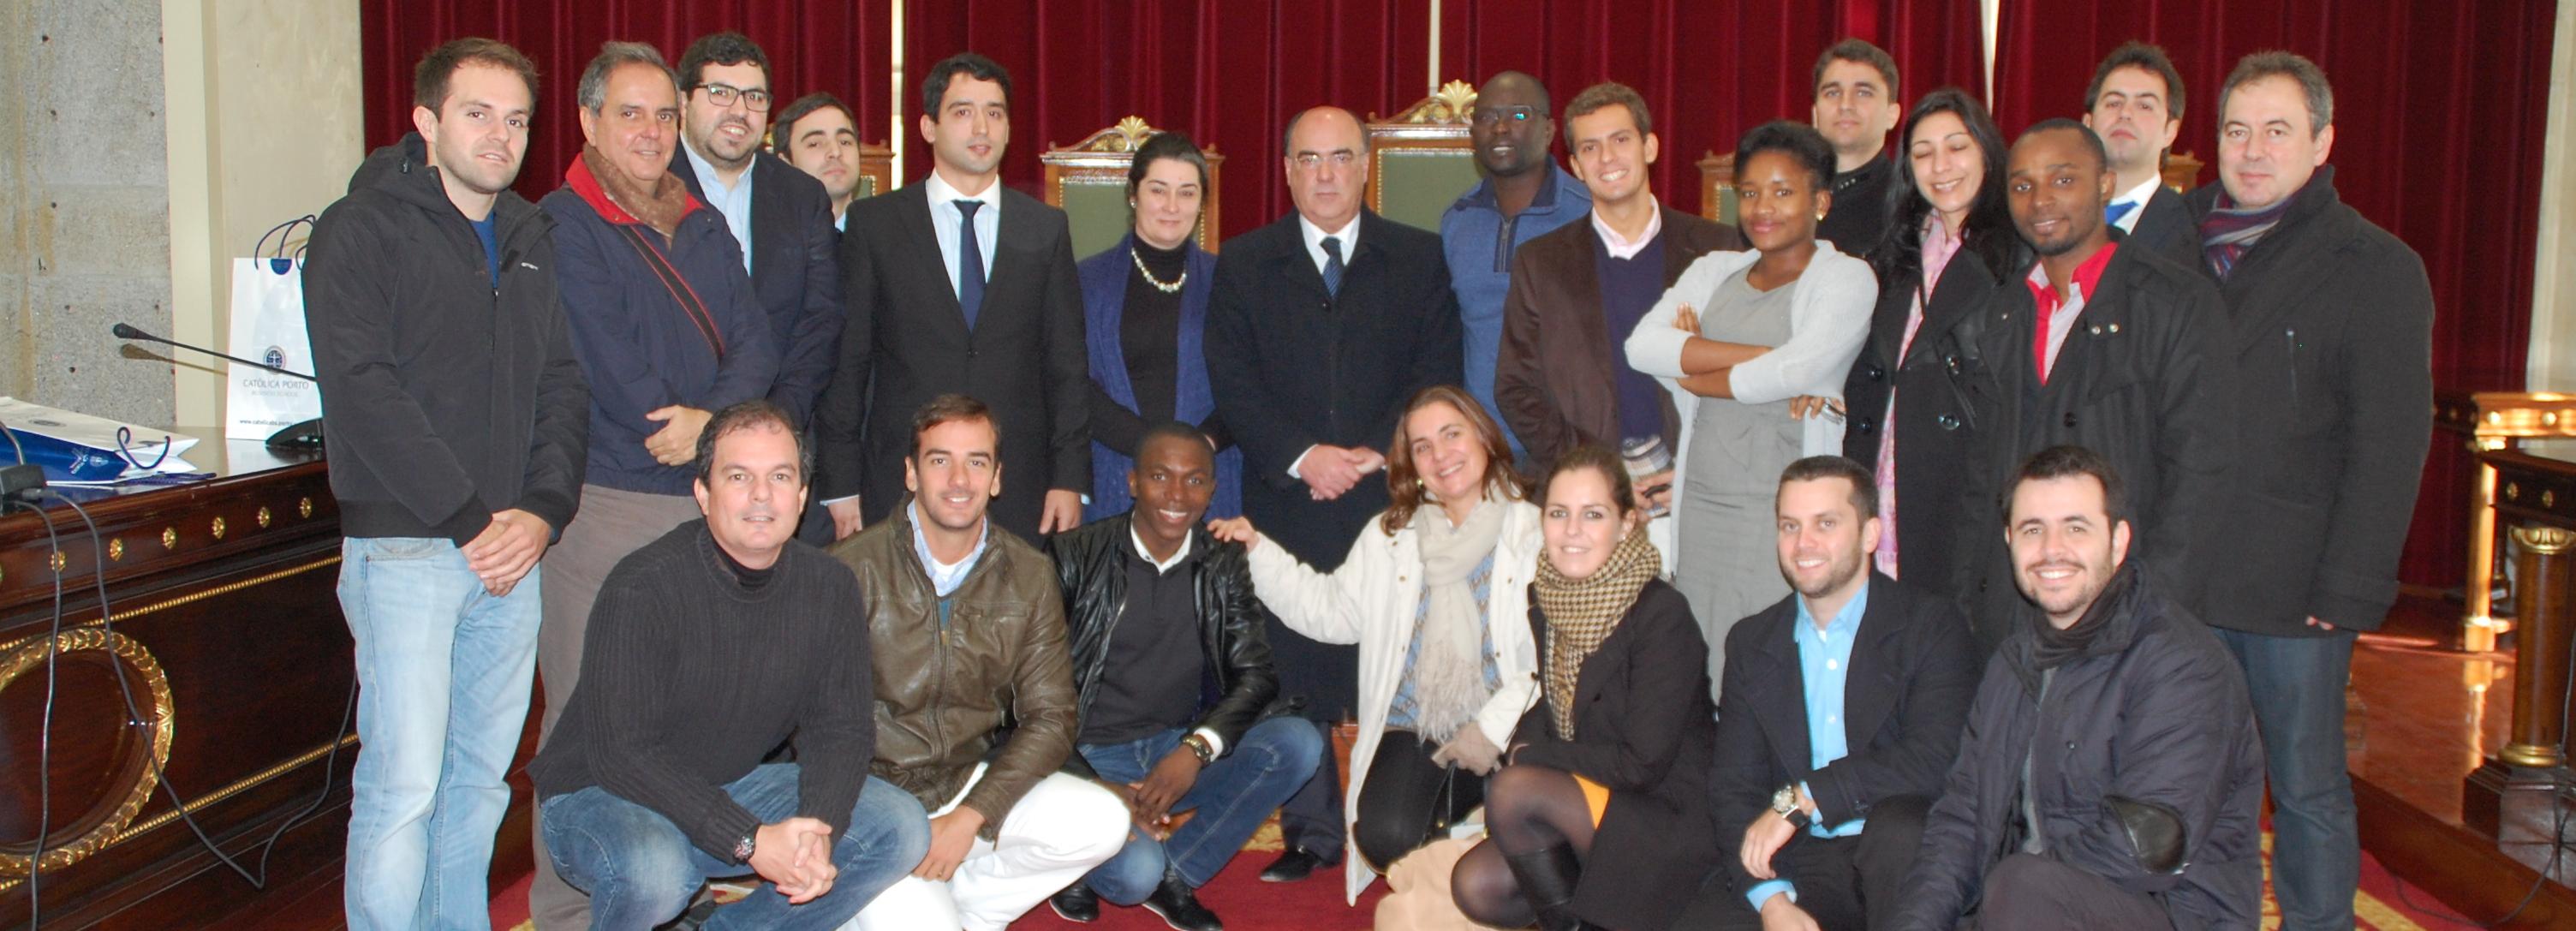 Presidente da Câmara recebeu alunos do MBA Atlântico da Universidade Católica